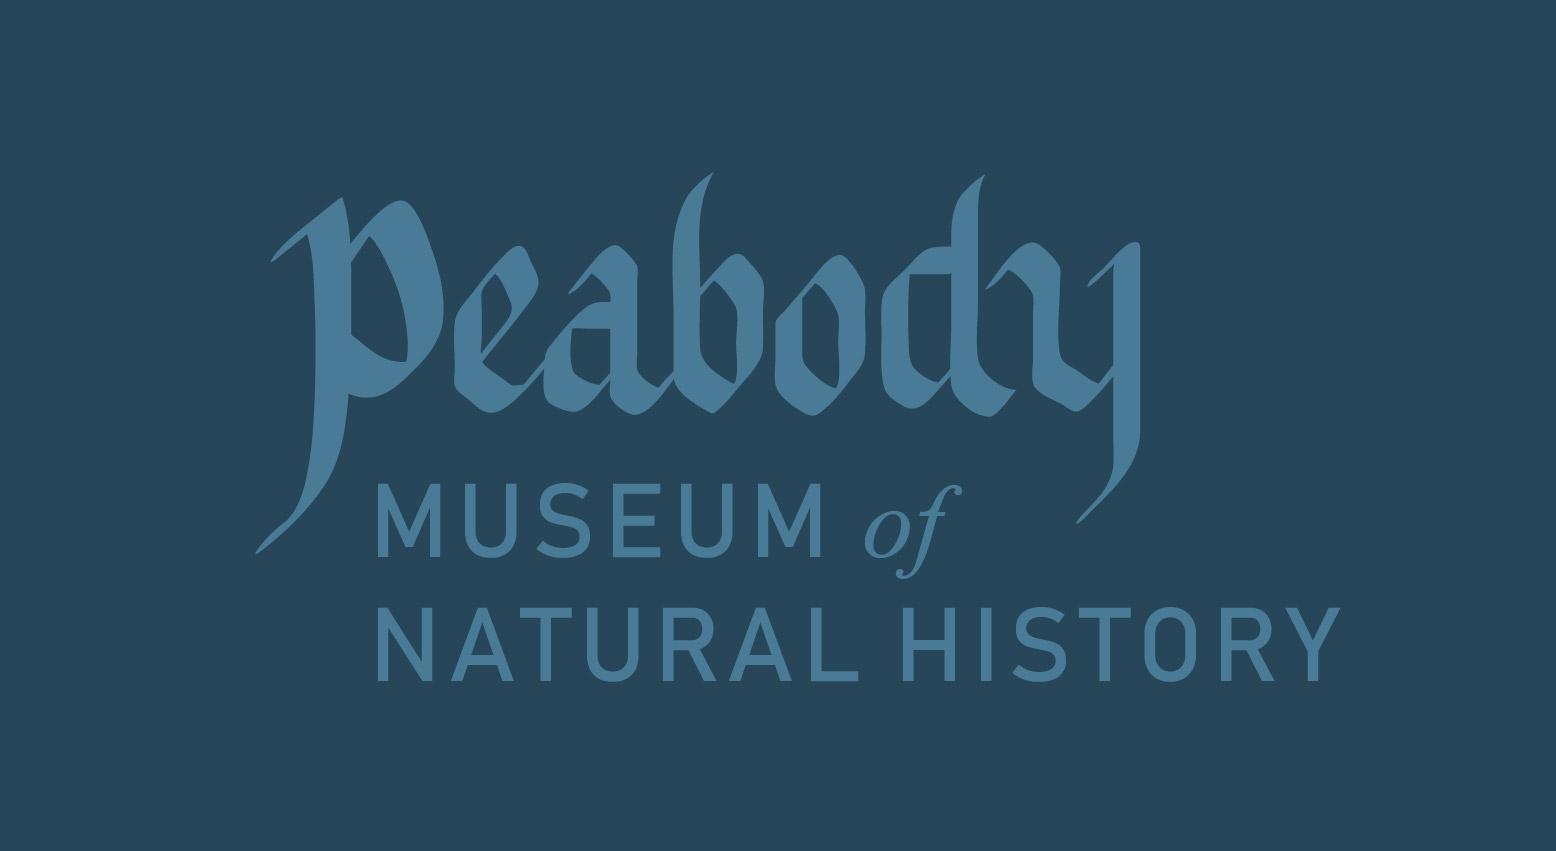 PeabodyMuseumLogo4-03.jpg